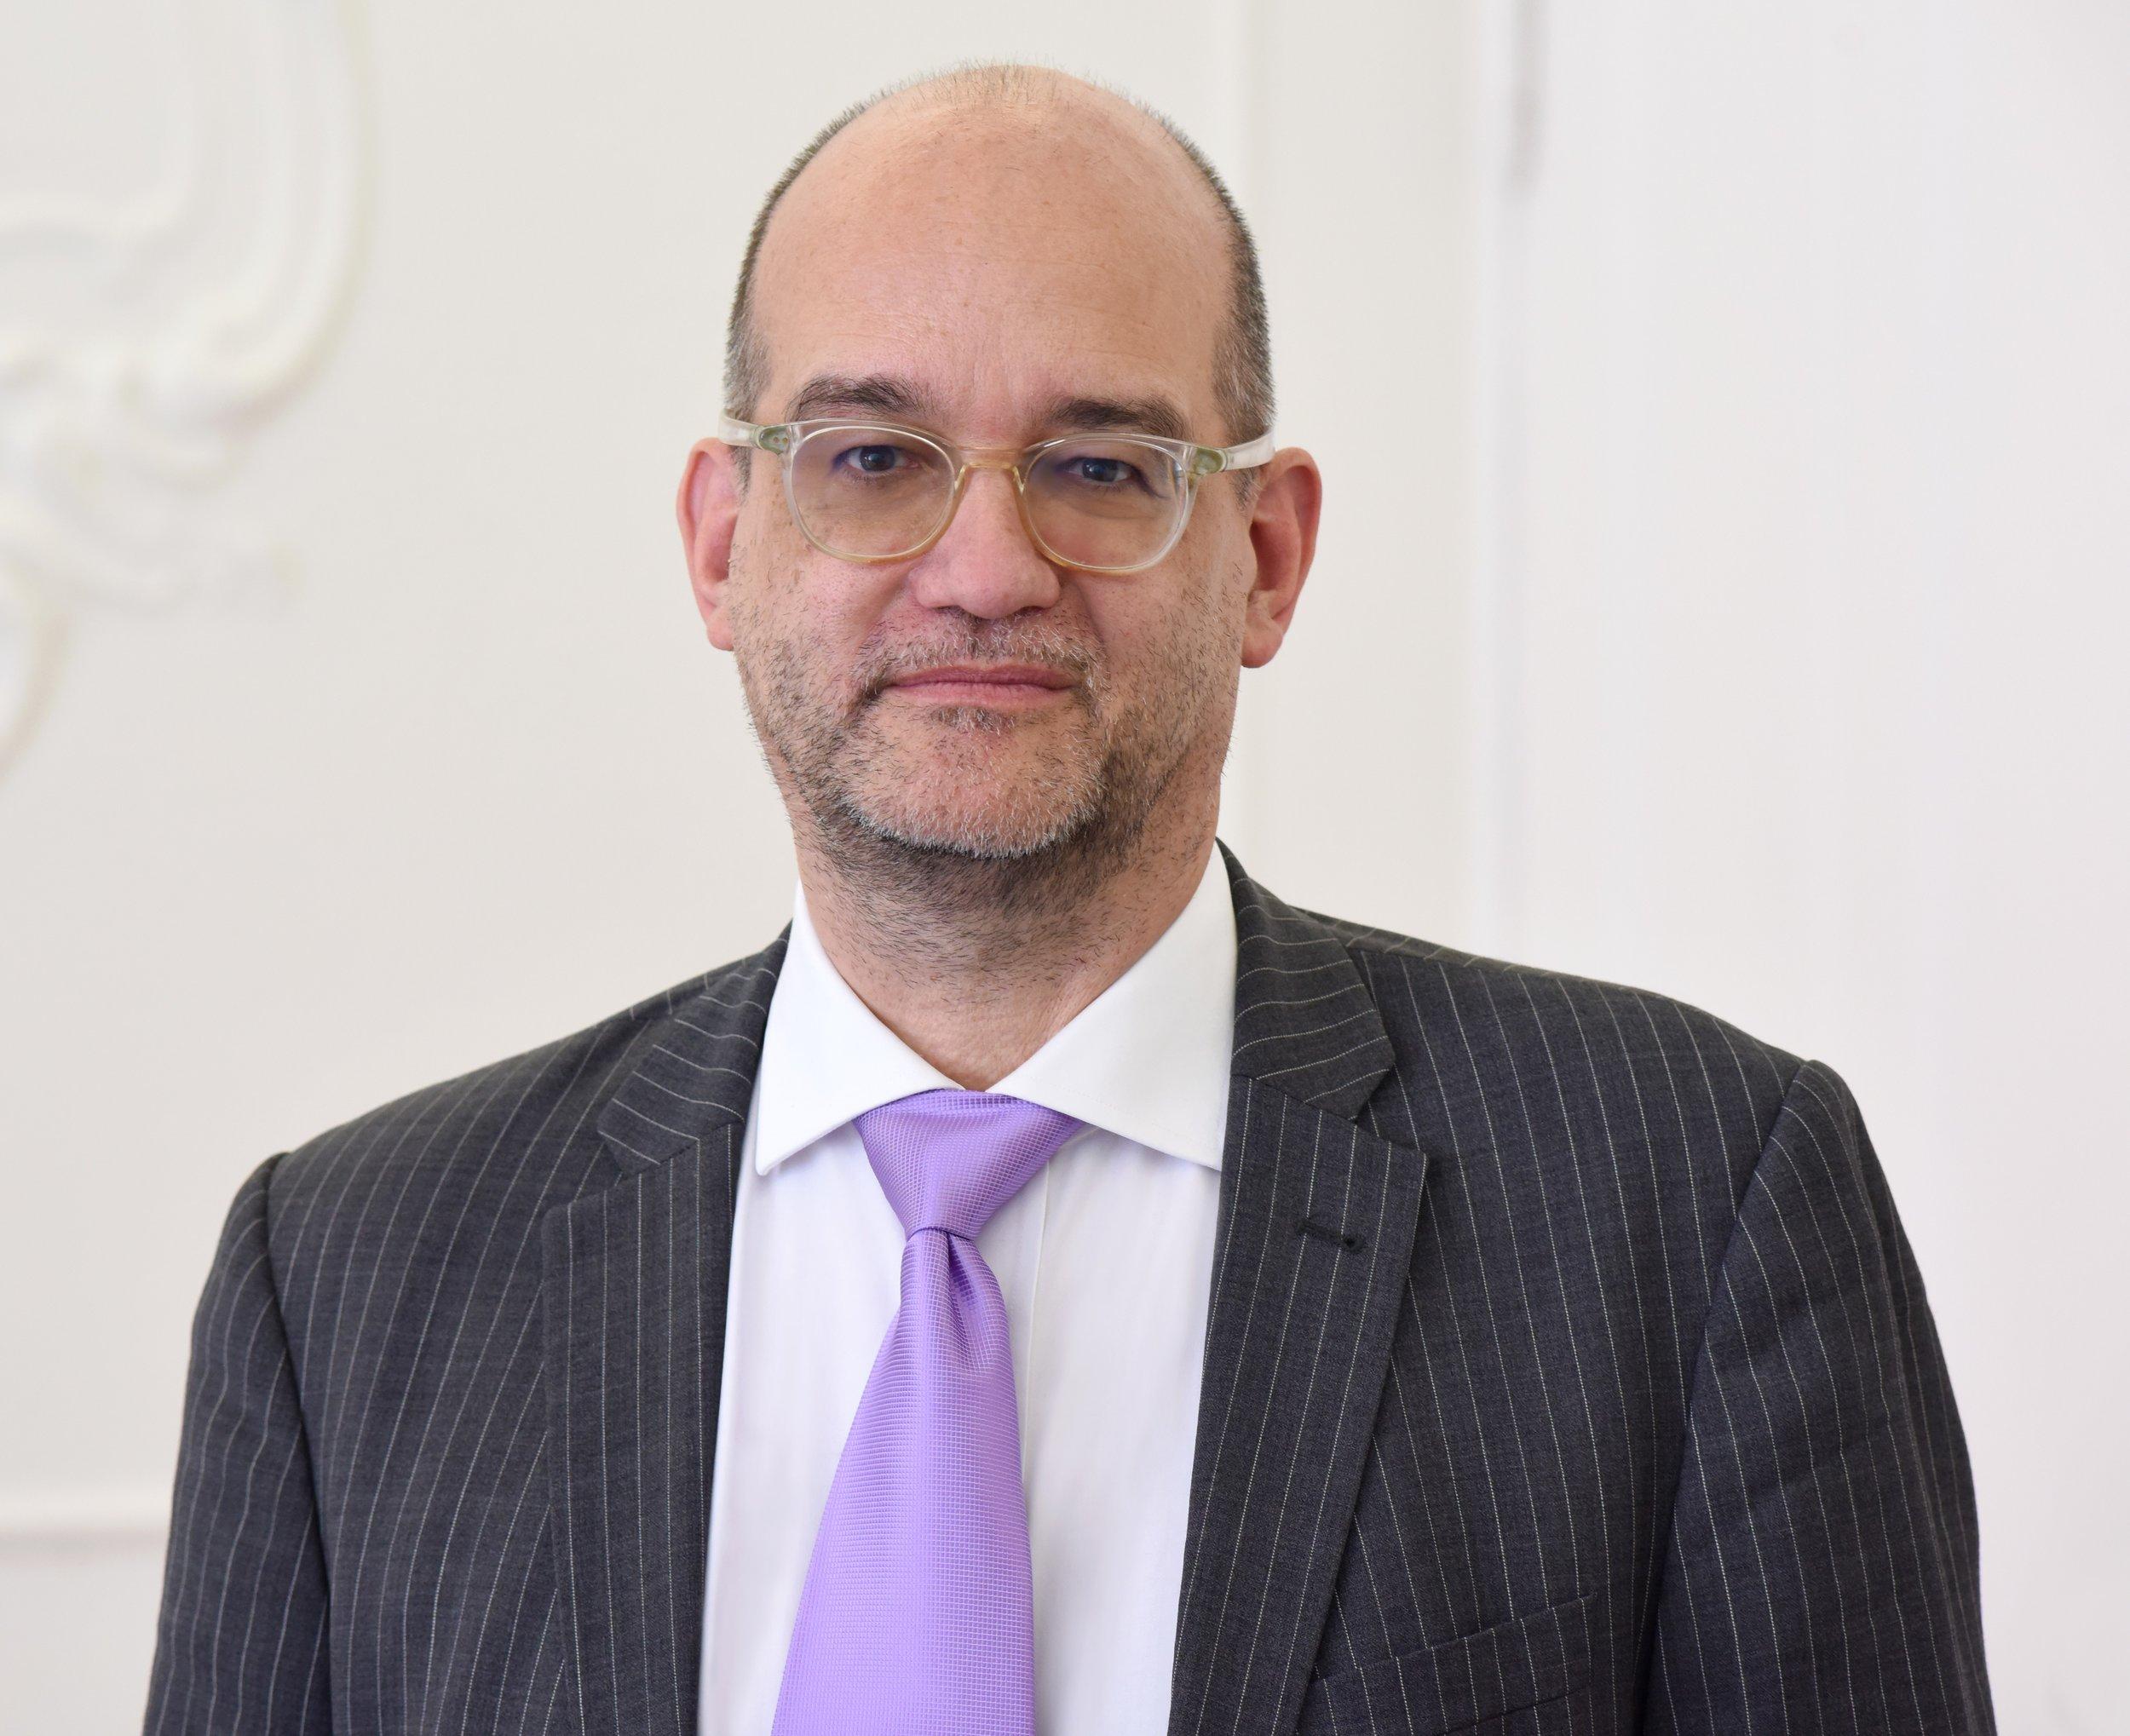 Martin Heidemann  Notary and lawyer  more